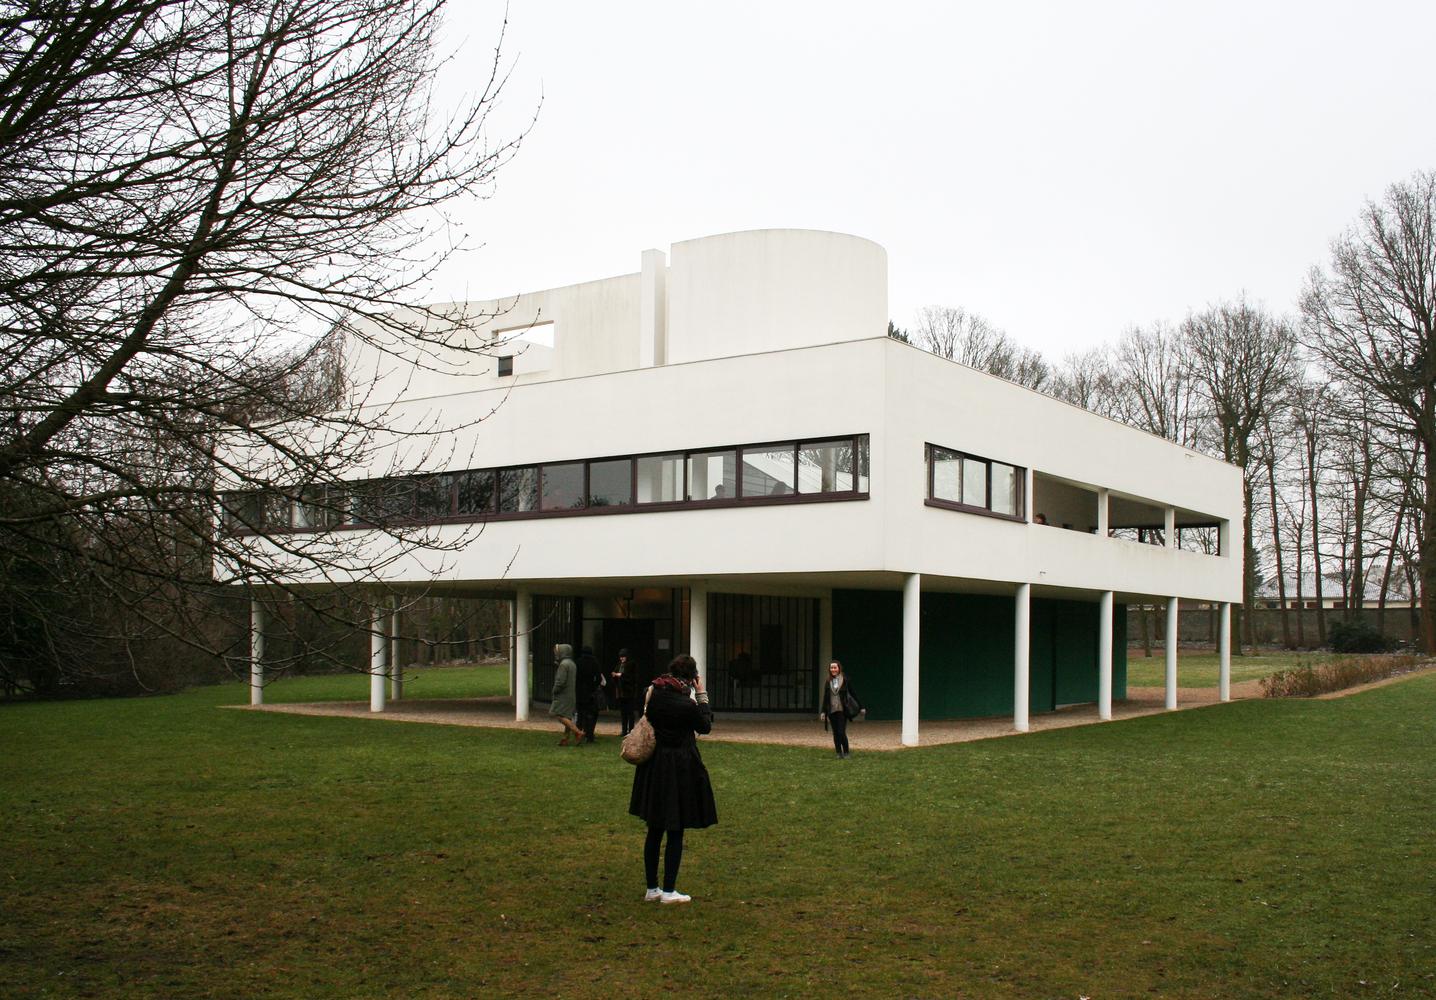 """¿Qué dice la neurociencia sobre la arquitectura moderna?,© Andrew Sides [Flickr], bajo licencia <a href=""""https://creativecommons.org/licenses/by-nc/2.0/""""> CC BY-NC 2.0 </a>. ImageVilla Savoye, diseñado por Le Corbusier y terminado en 1929"""